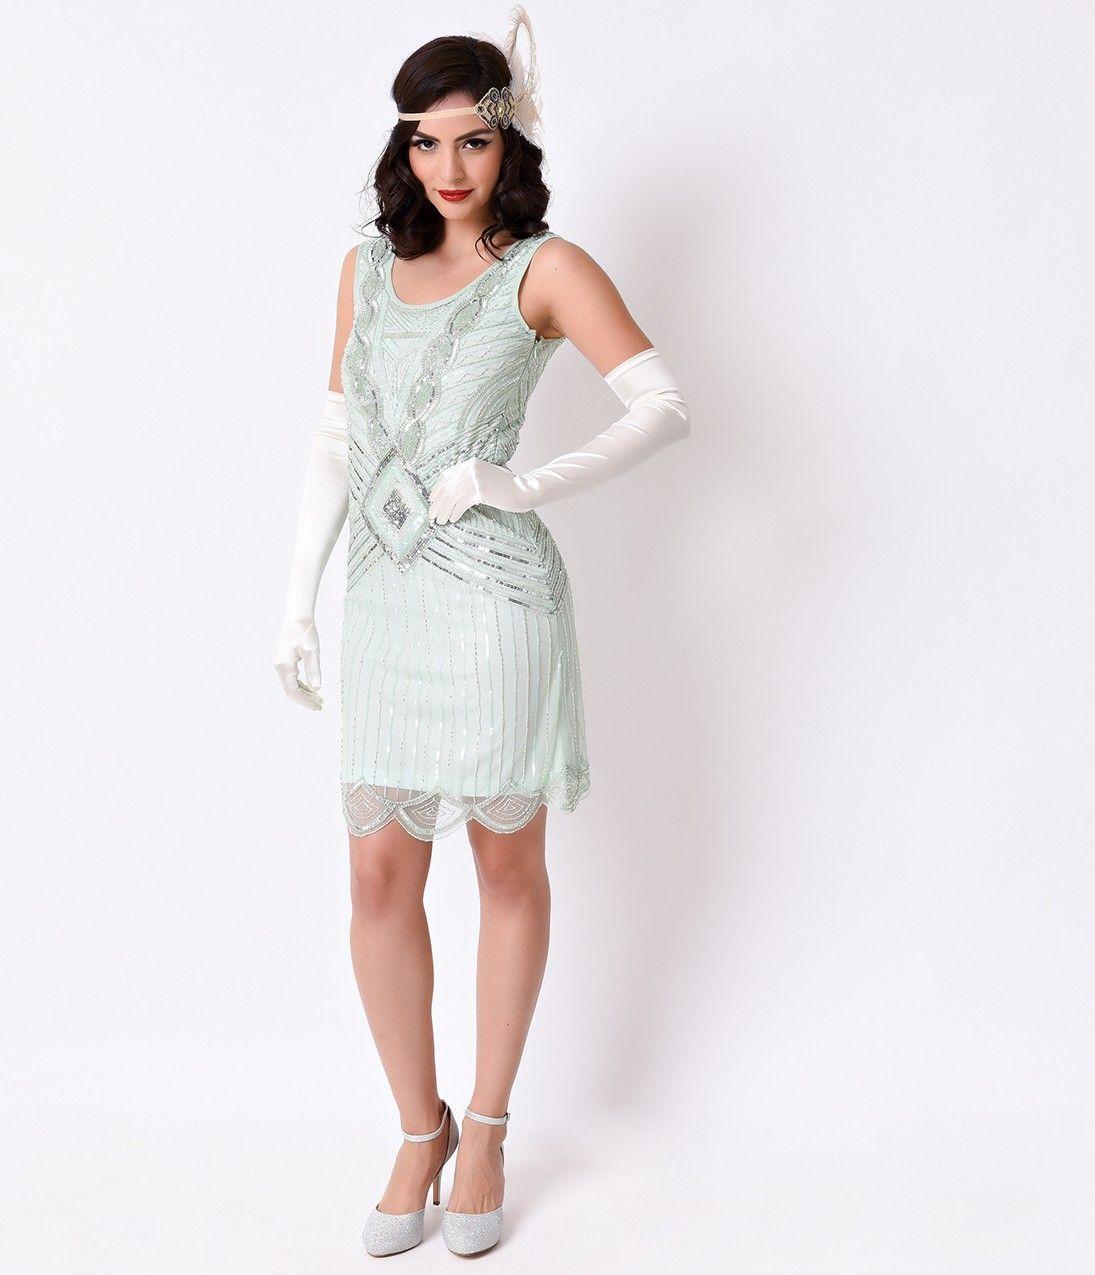 Berühmt Flapper Inspired Cocktail Dress Ideen - Brautkleider Ideen ...